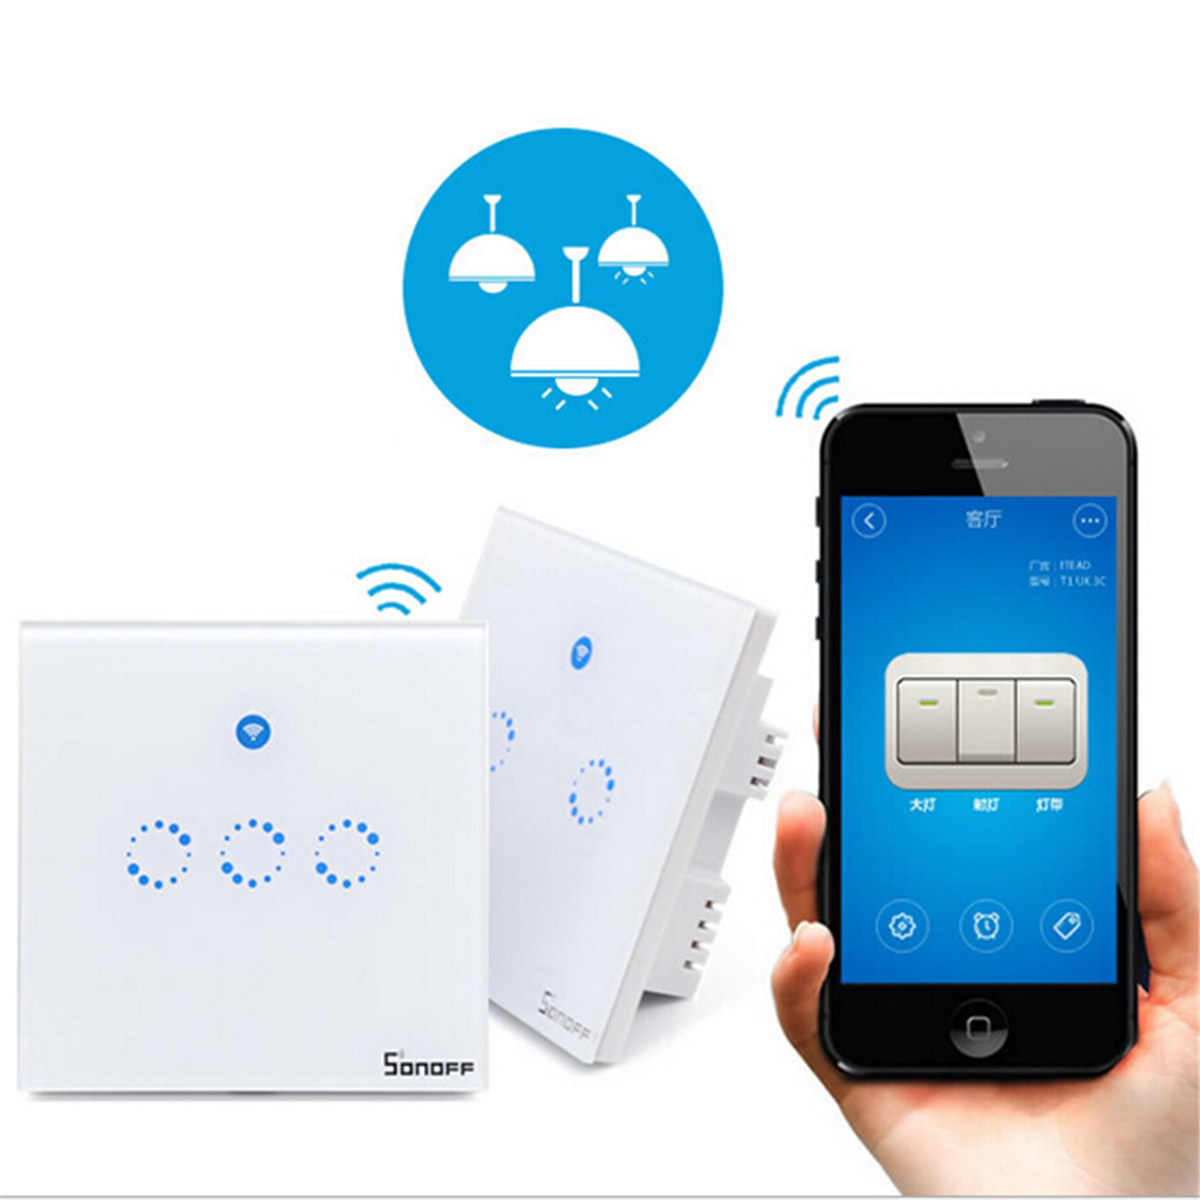 Sonoff smart switch touch control chiaro della parete interruttore EU/UK WiFi RF/1/2/3 combinazione pannello di tocco a muro interruttore della luce interruttore di casa intelligente